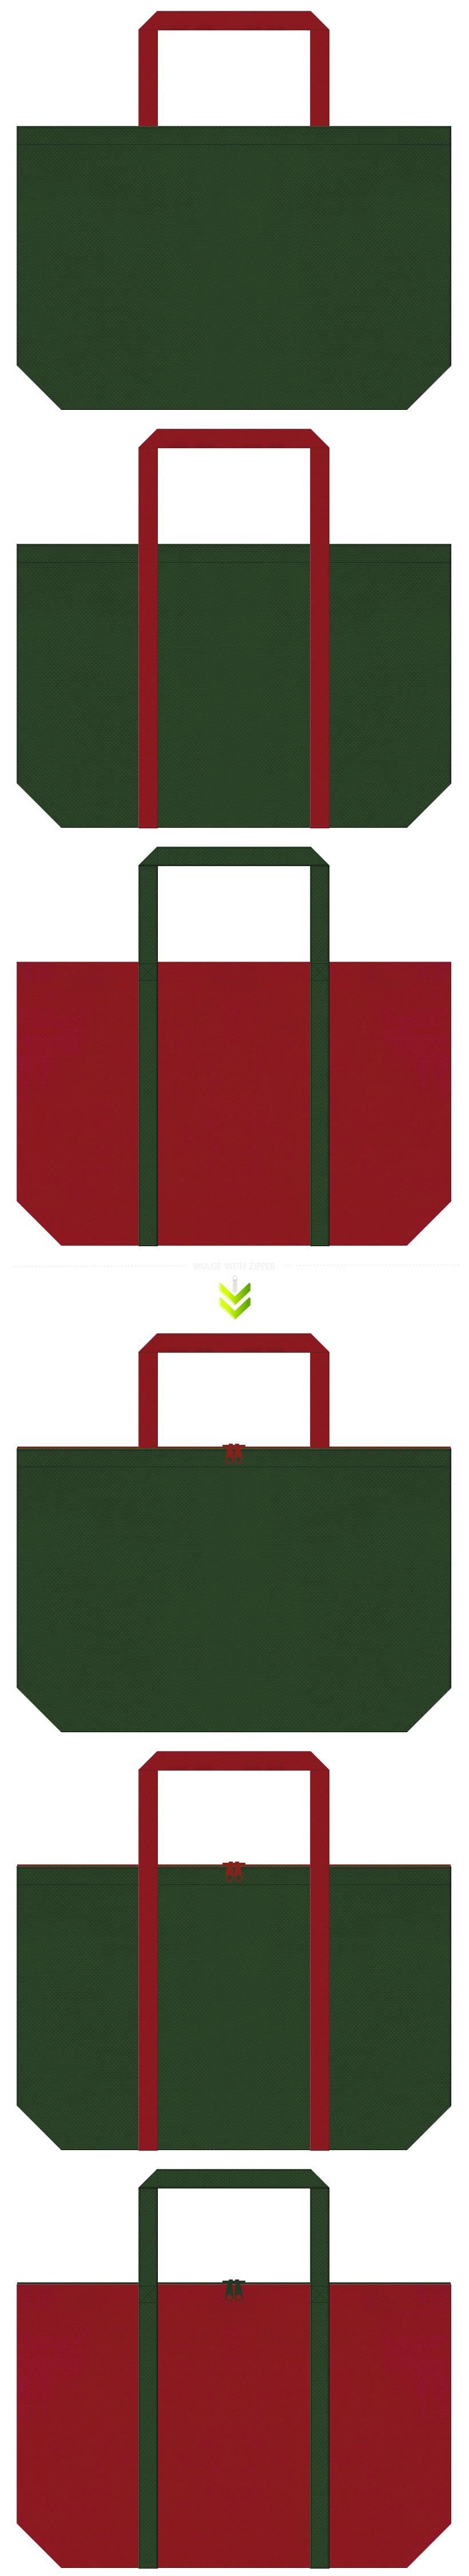 濃緑色とエンジ色の不織布エコバッグのデザイン。